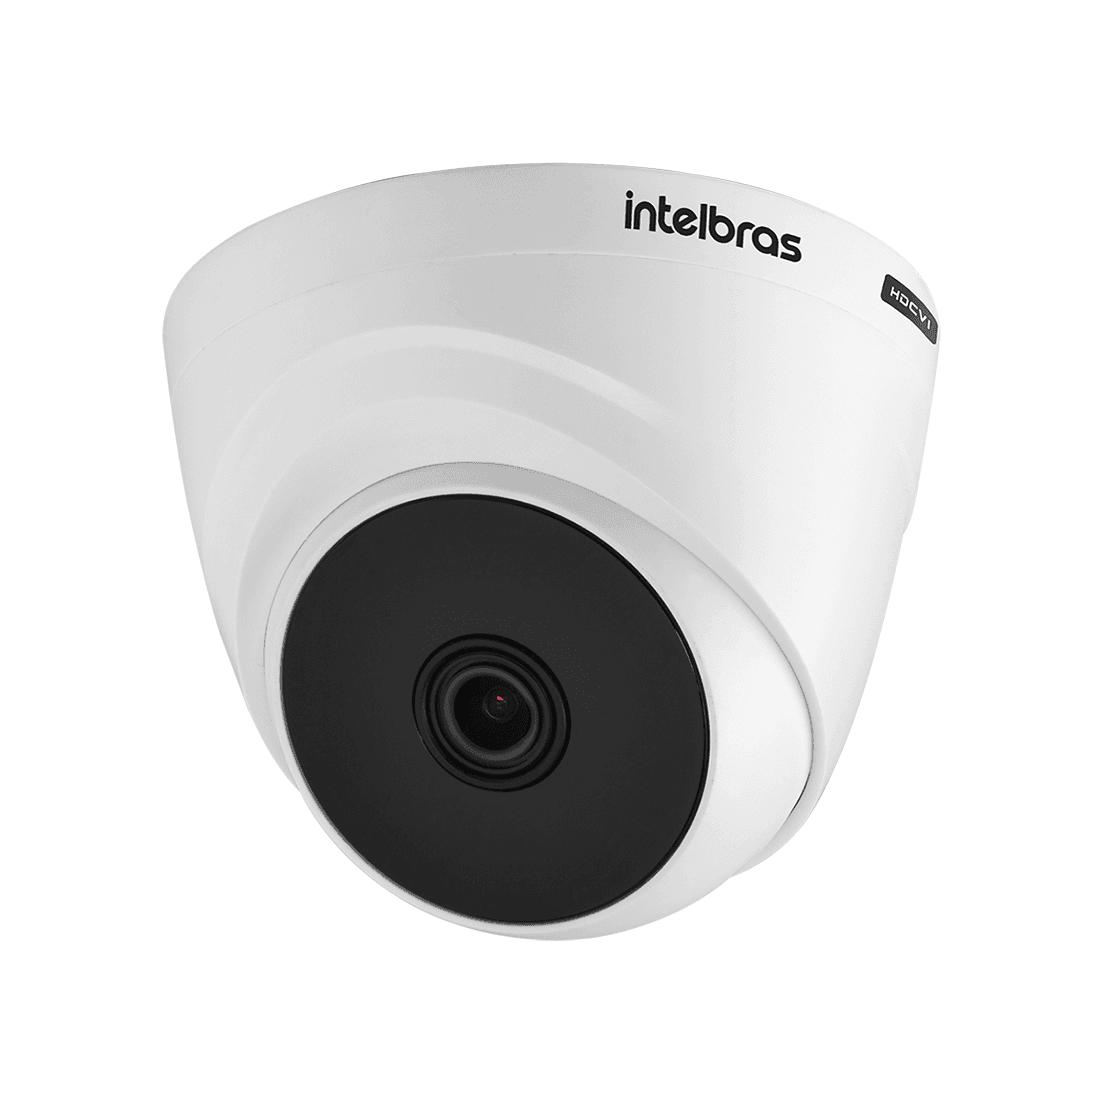 Câmera Intelbras VHL 1220 D Dome HDCVI Lite 1080p 20 Metros